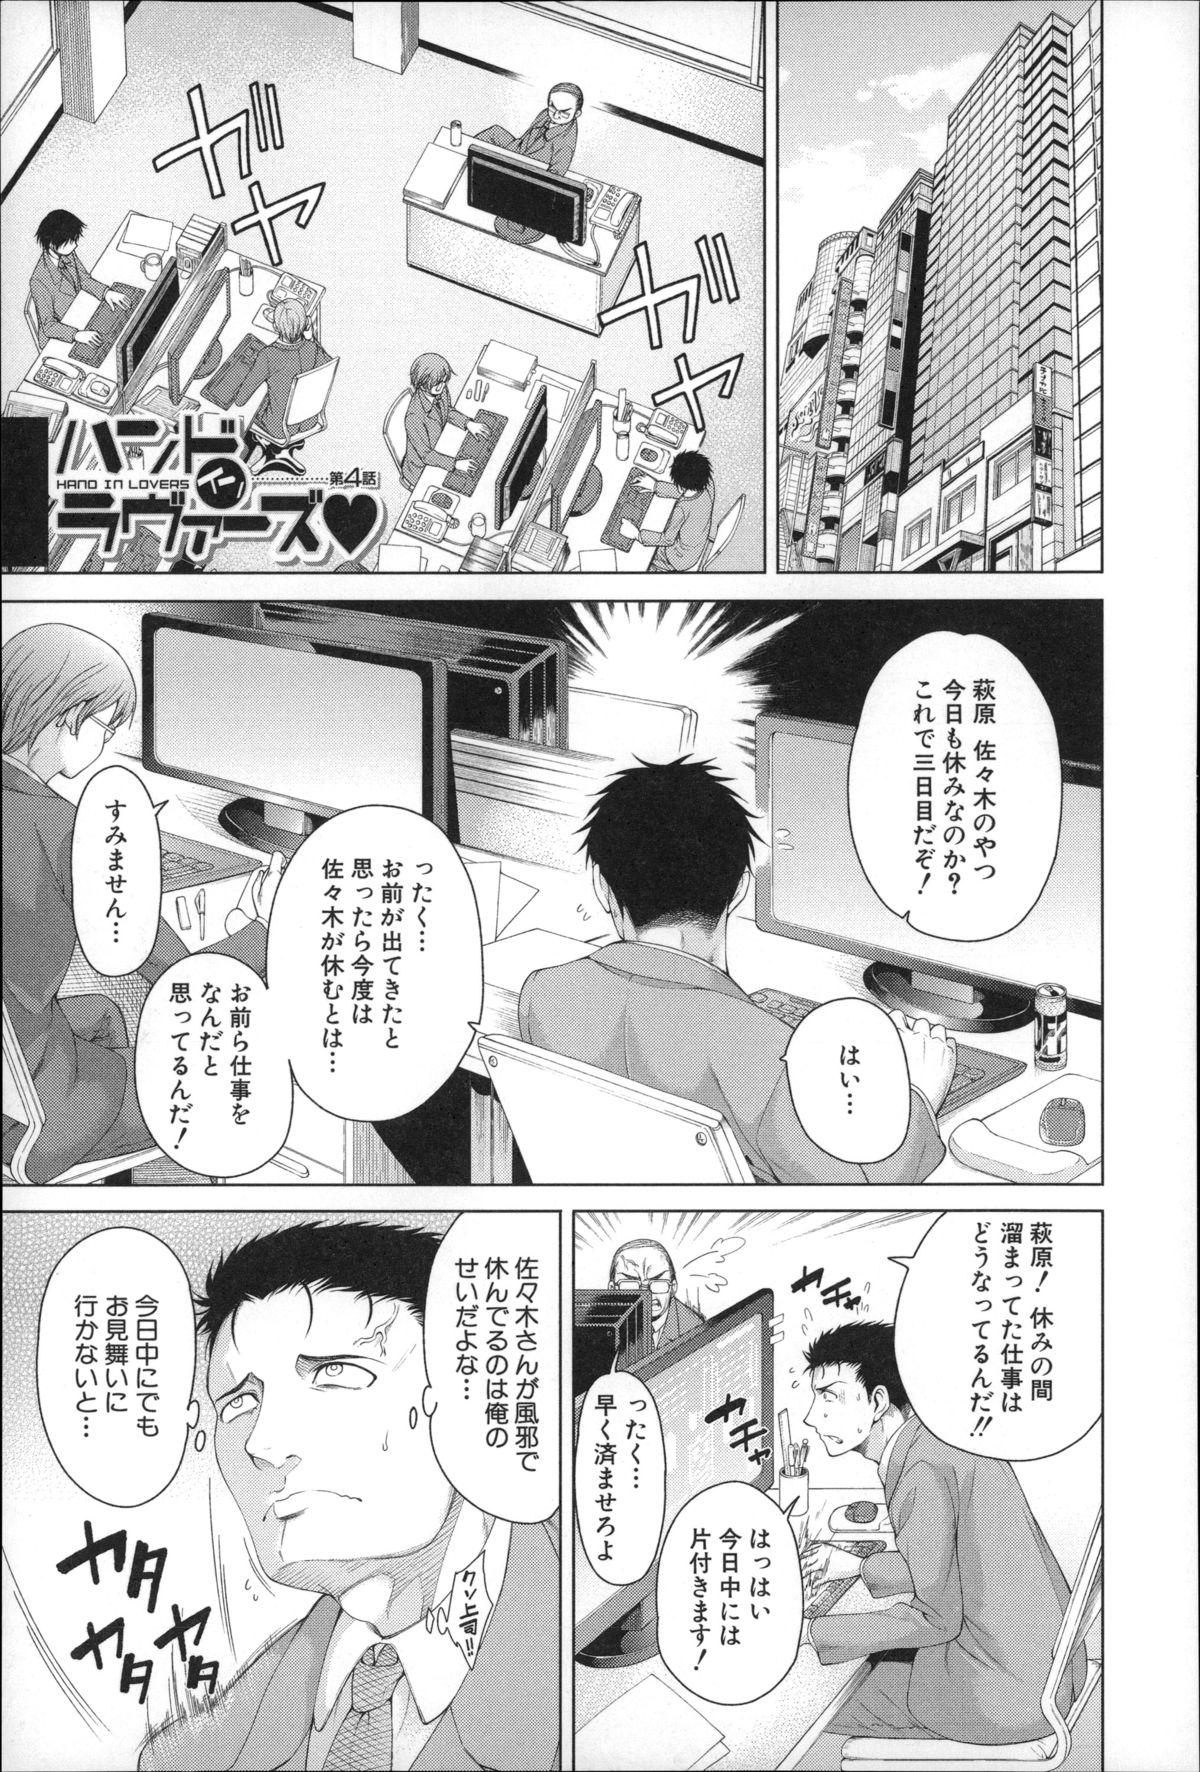 Migite ga Bishoujo ni Natta kara Sex Shita kedo Doutei dayone!! 113